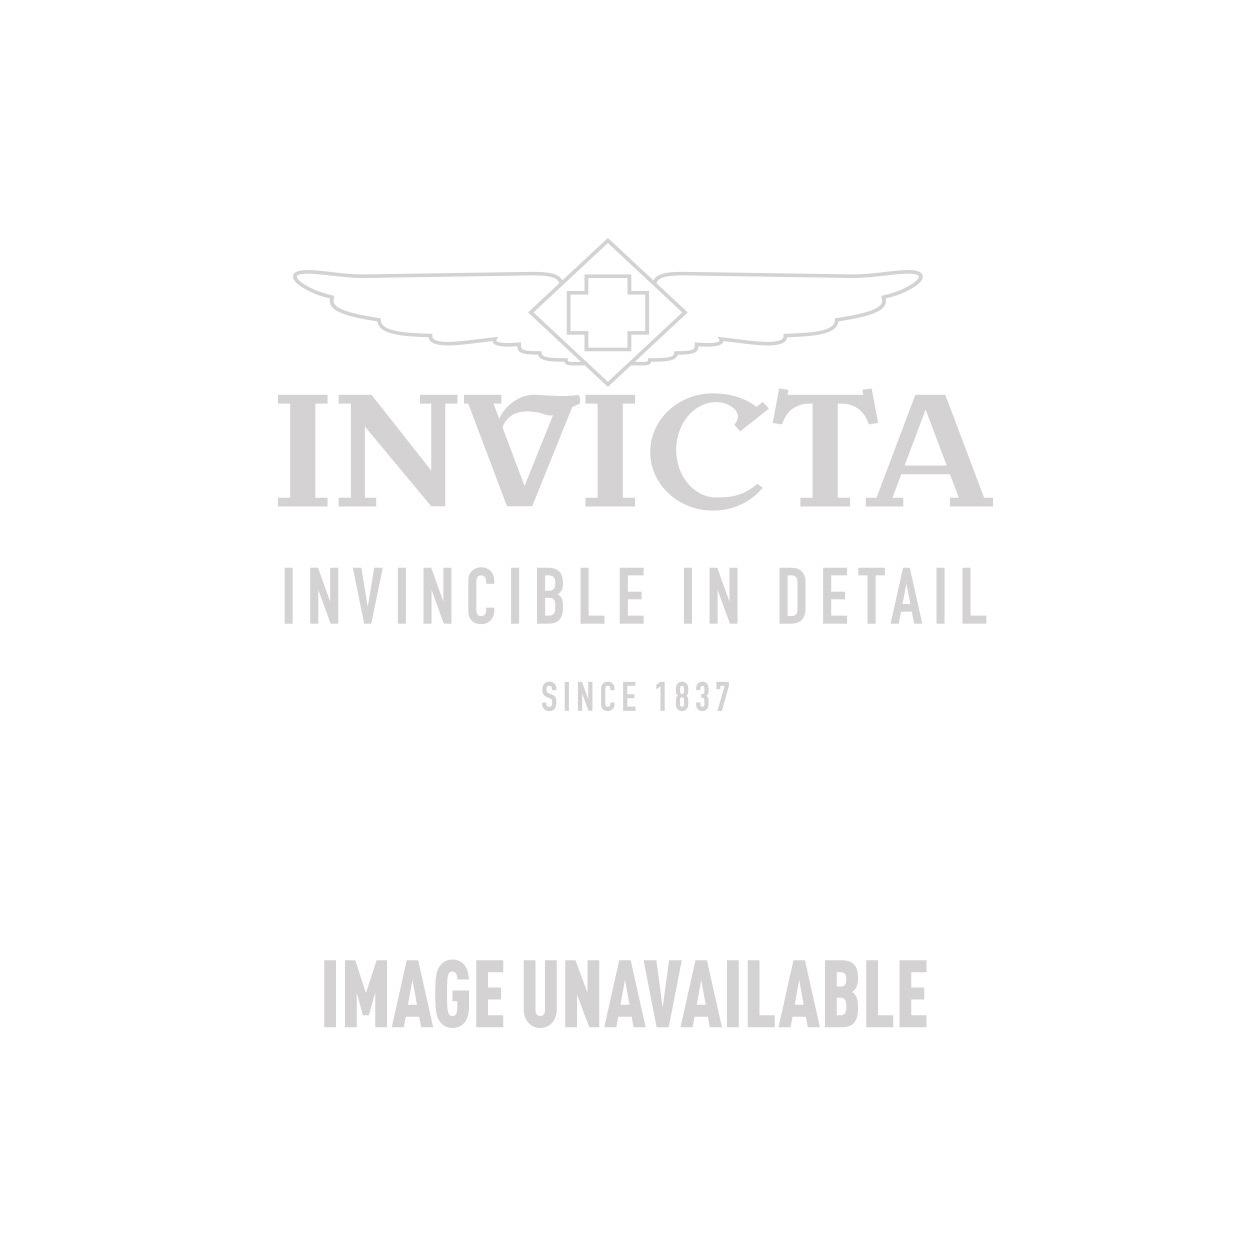 INVICTA Jewelry CLARISSA Necklaces 50 20.6 Silver 925 and Ceramic Rhodium+Black+Platinum - Model J0124